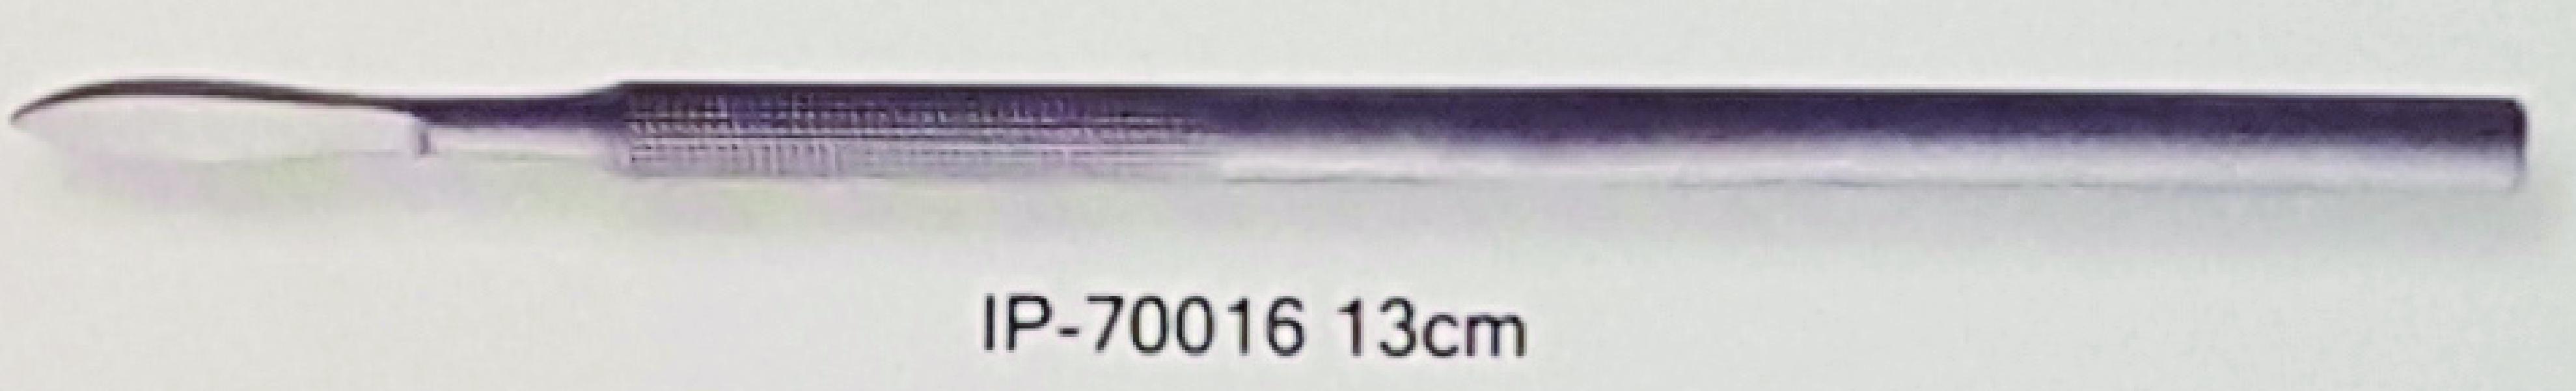 IP-7016 13cm